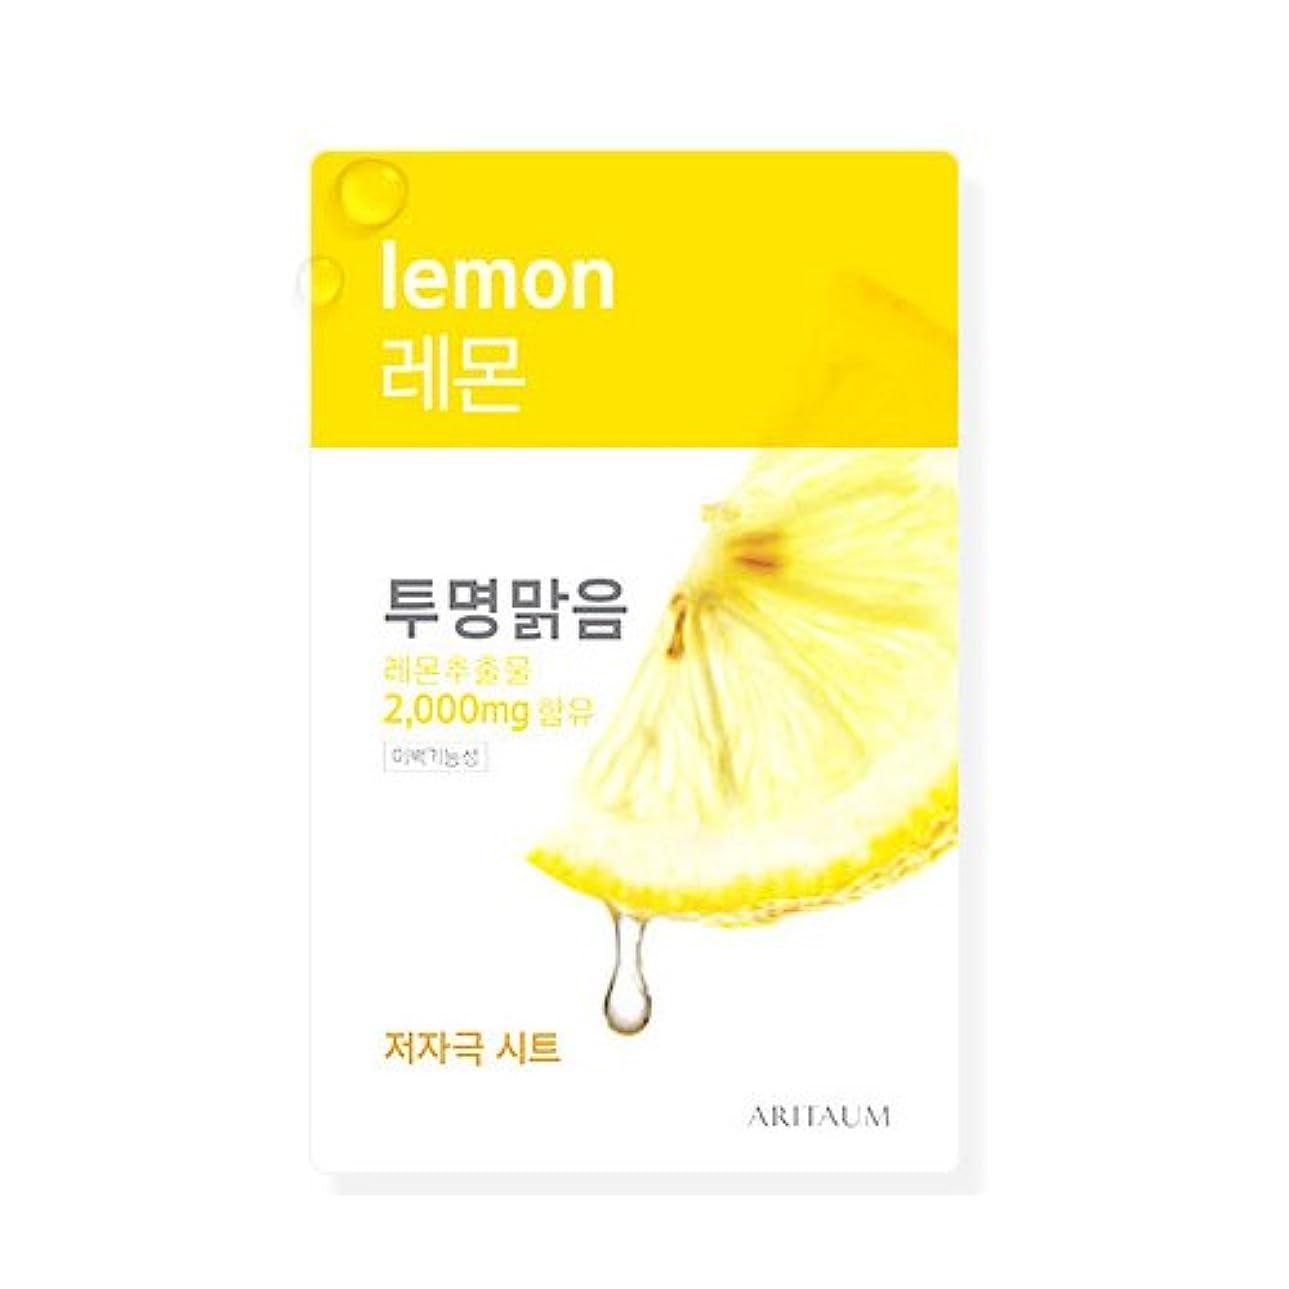 半ば魔法小売Aritaum(アリタウム)フレッシュ エッセンス マスク(1回分×10枚セット)種類:レモン